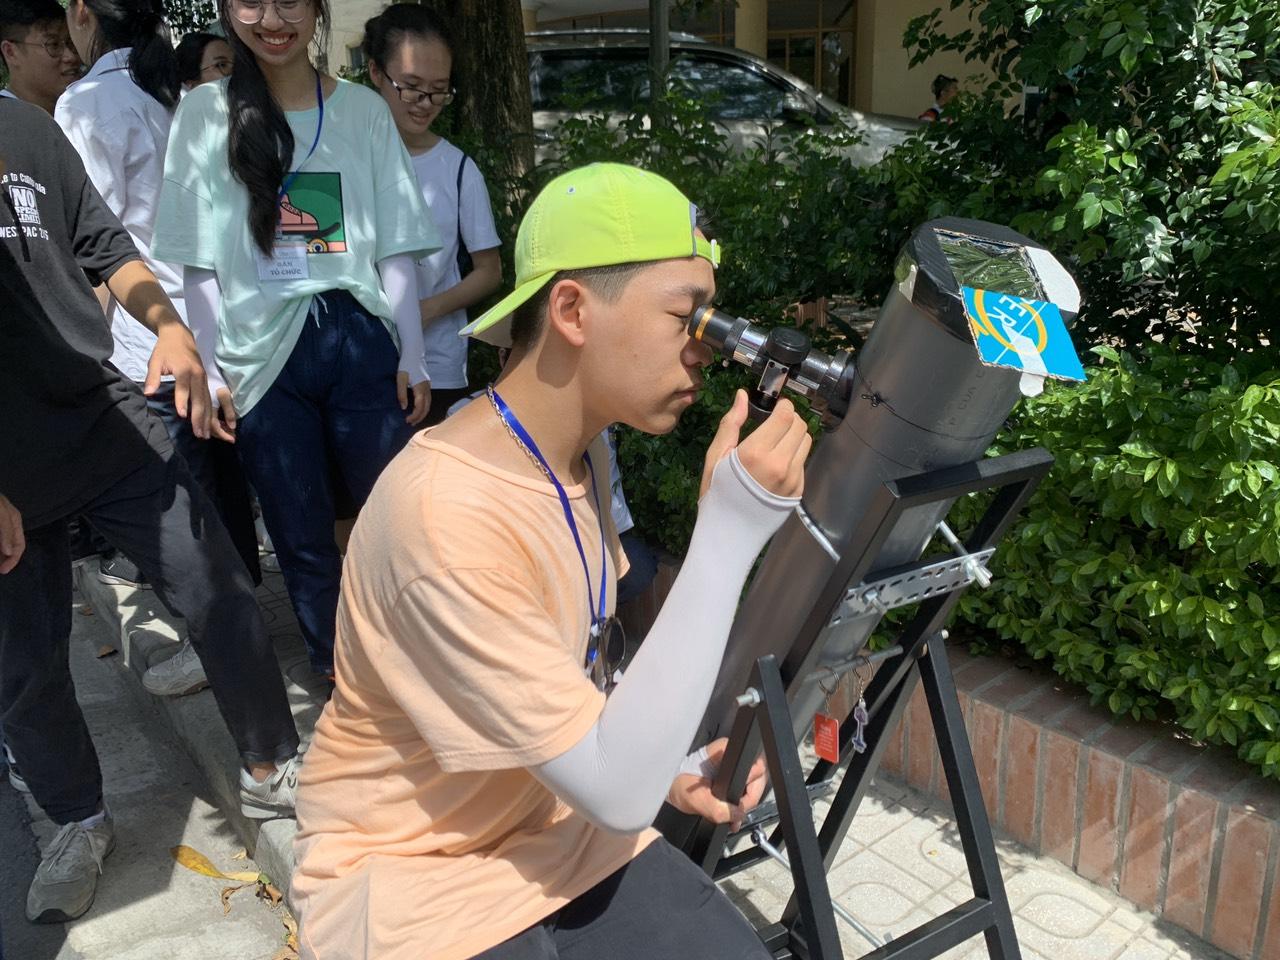 Em Dương Phan Anh - Học sinh lớp 11 chuyên Lý,THPT Chu Văn An đang quan sát nhật thực bằng kính thiên văn phản xạ tự chế.